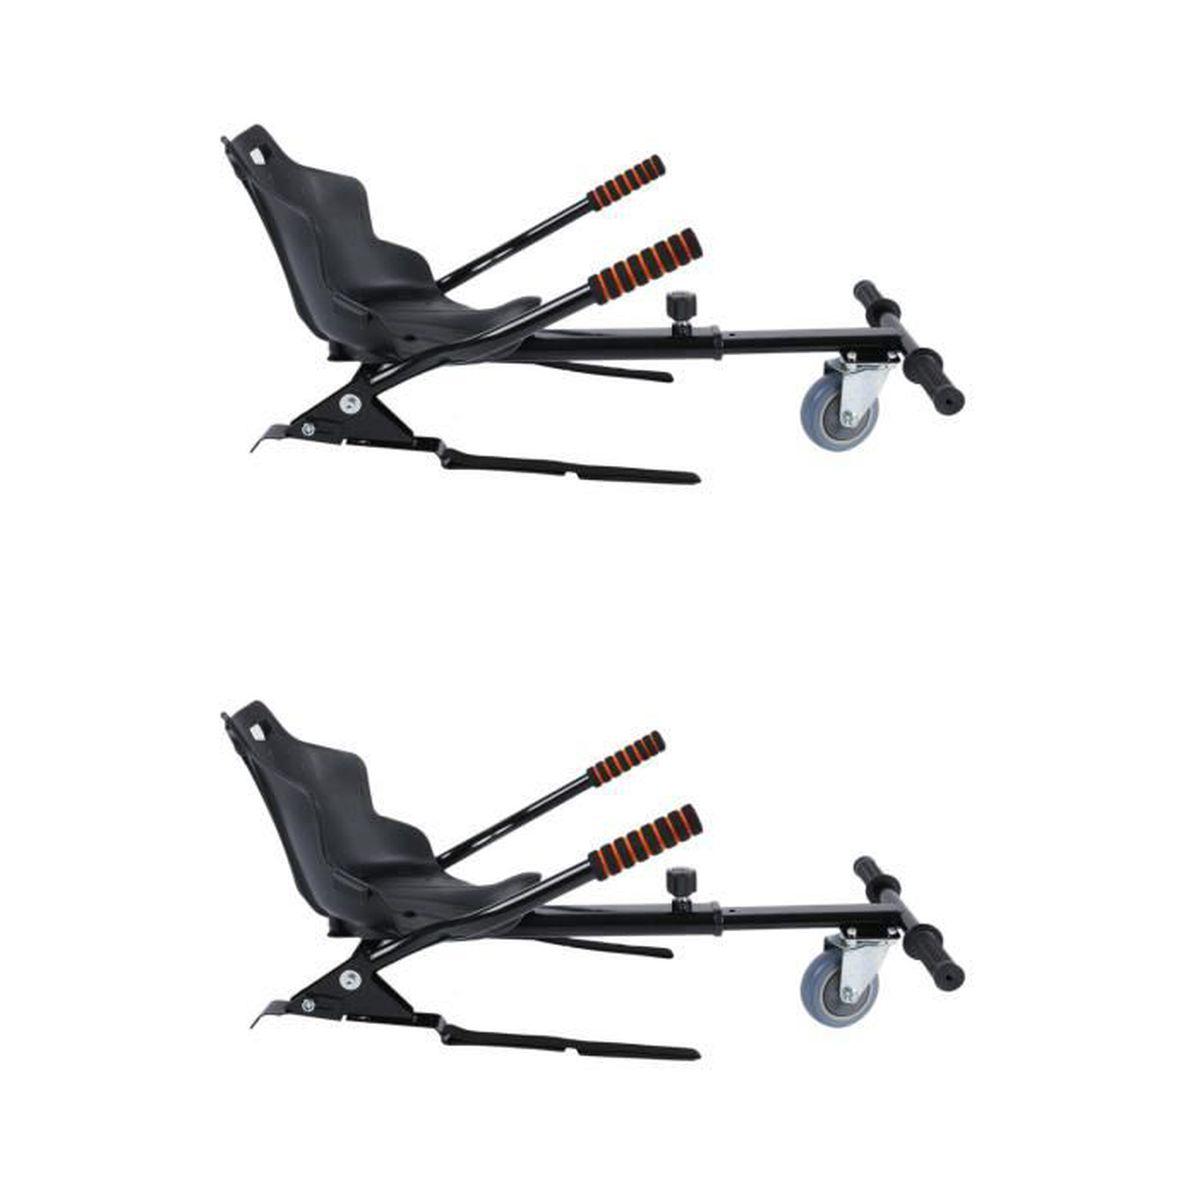 LESHP® Hoverkart - 2PCS Kit de Kart Universel pour Hoverboard Noir-Capacité 120kg